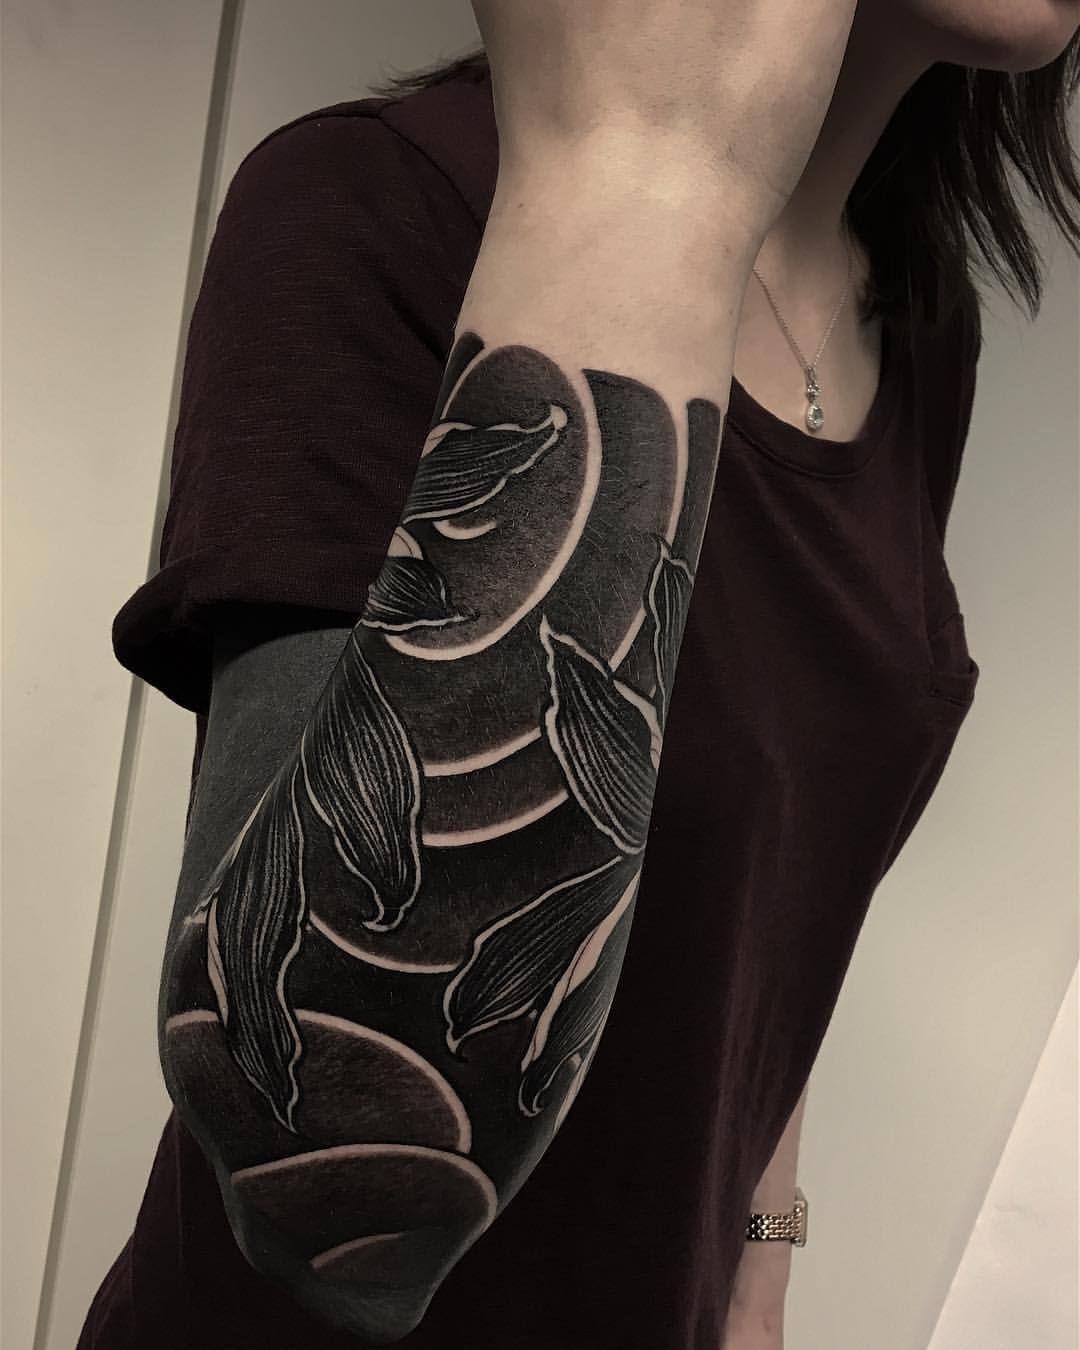 GAKKINX   Language & Tattoos   Tetoválás, Tetoválásötletek ...